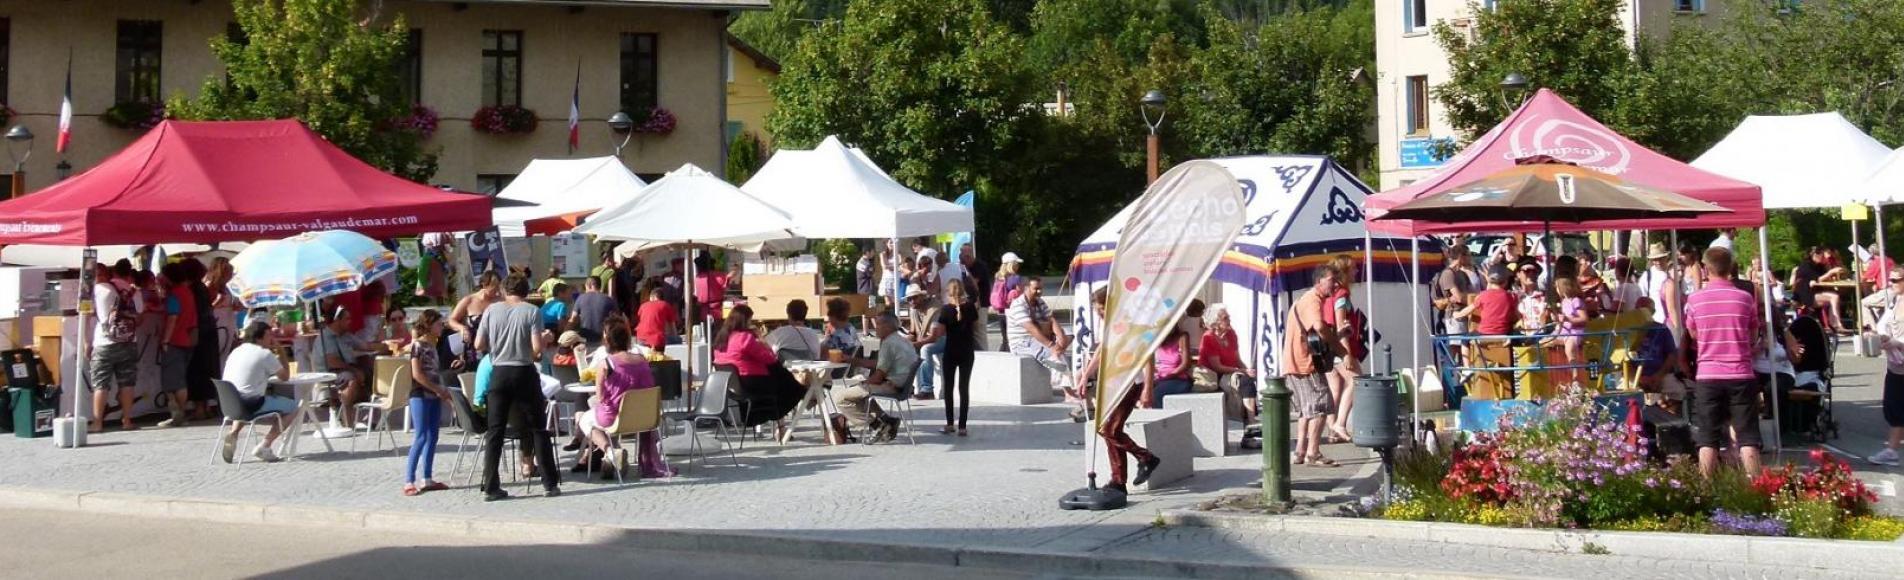 La place en fête - festival L'écho des mots - Pont -du-Fossé - Champsaur 2015